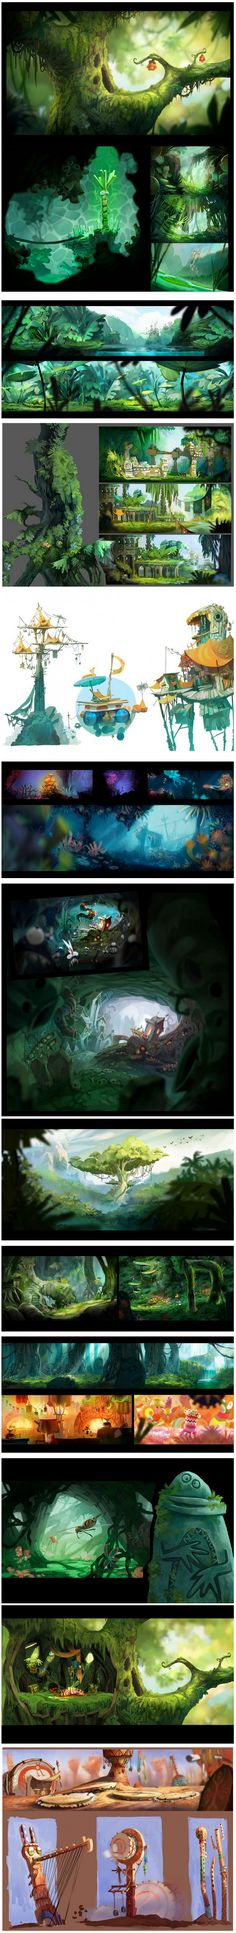 Rayman Origins by Fl